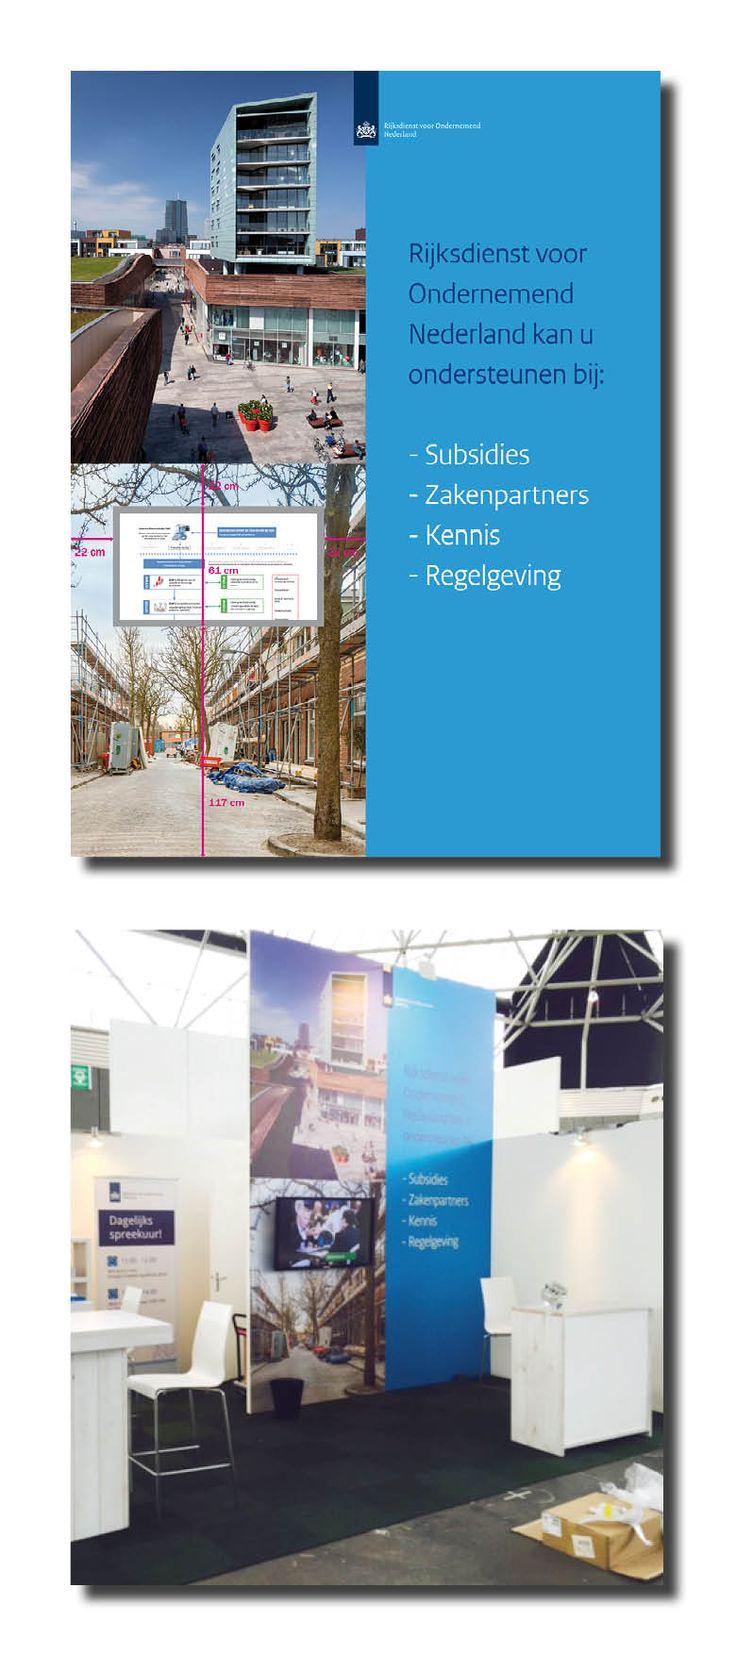 Ontwerp en uitwerking Eye Catcher Wall voor Holland Building Beurs in de Rai. 4000 bij 3000 mm Incl beeldredactie, beurs en klant contact